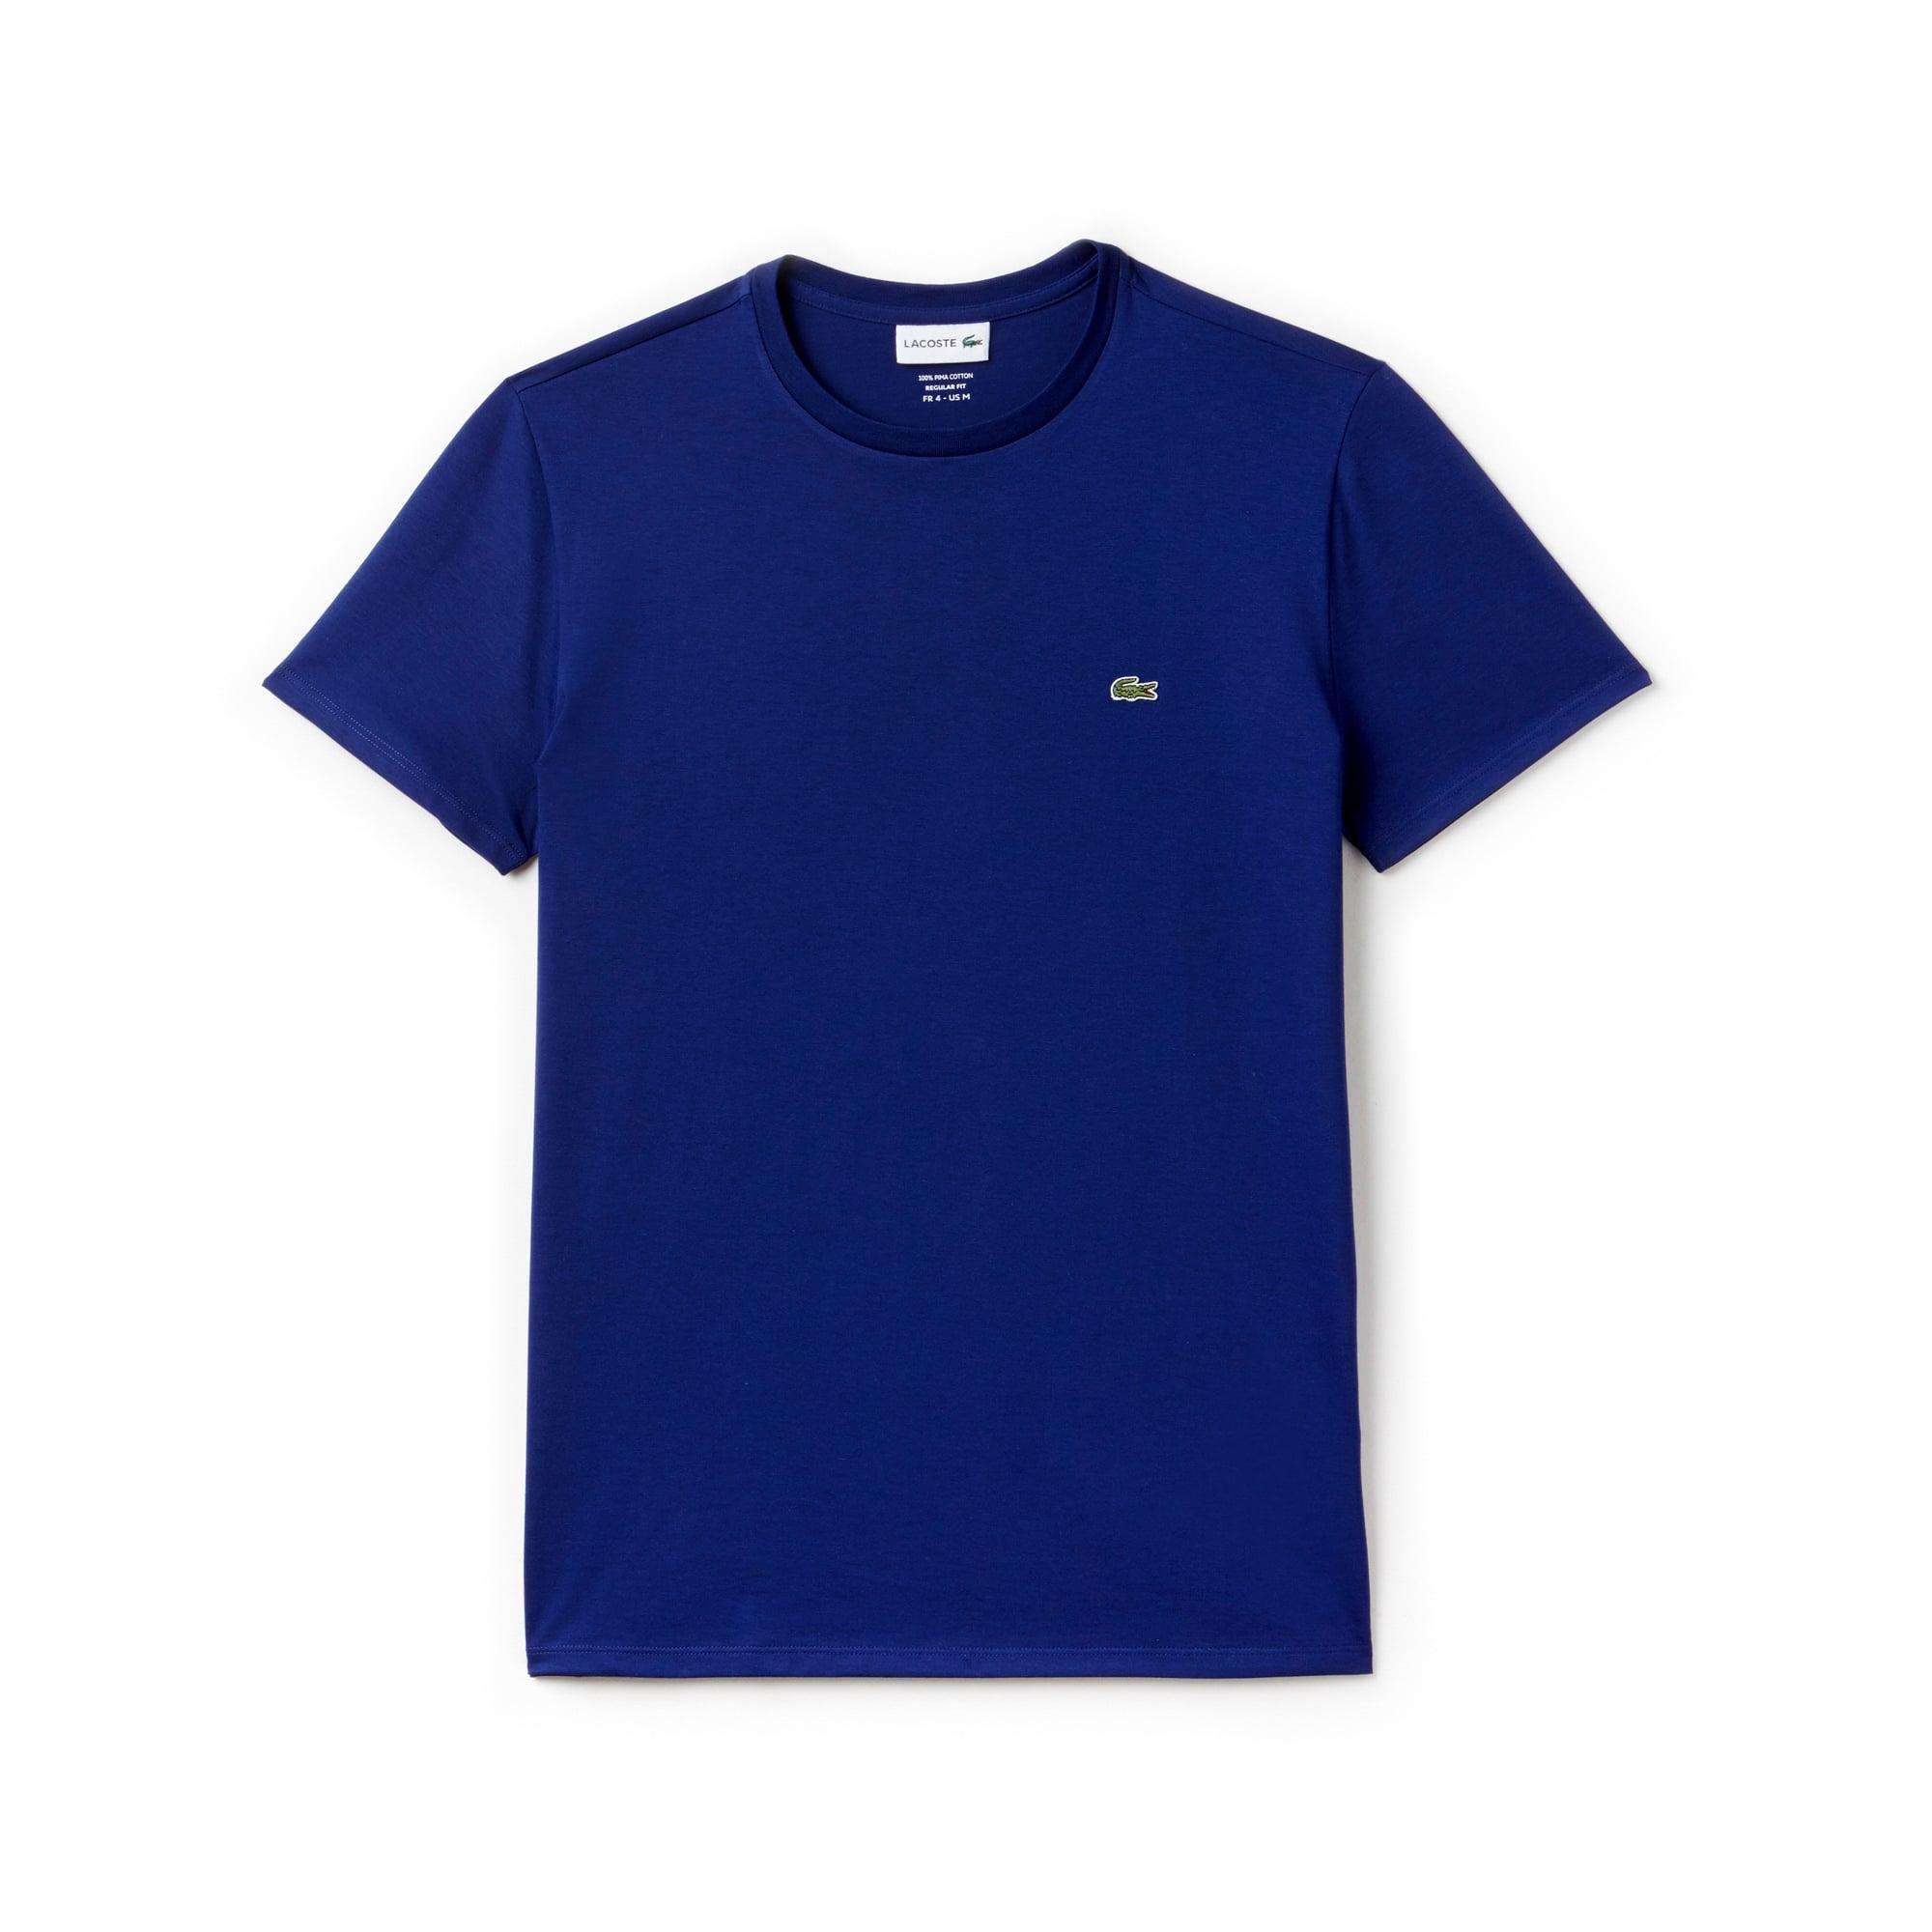 3d64aa06bc5 Camisetas